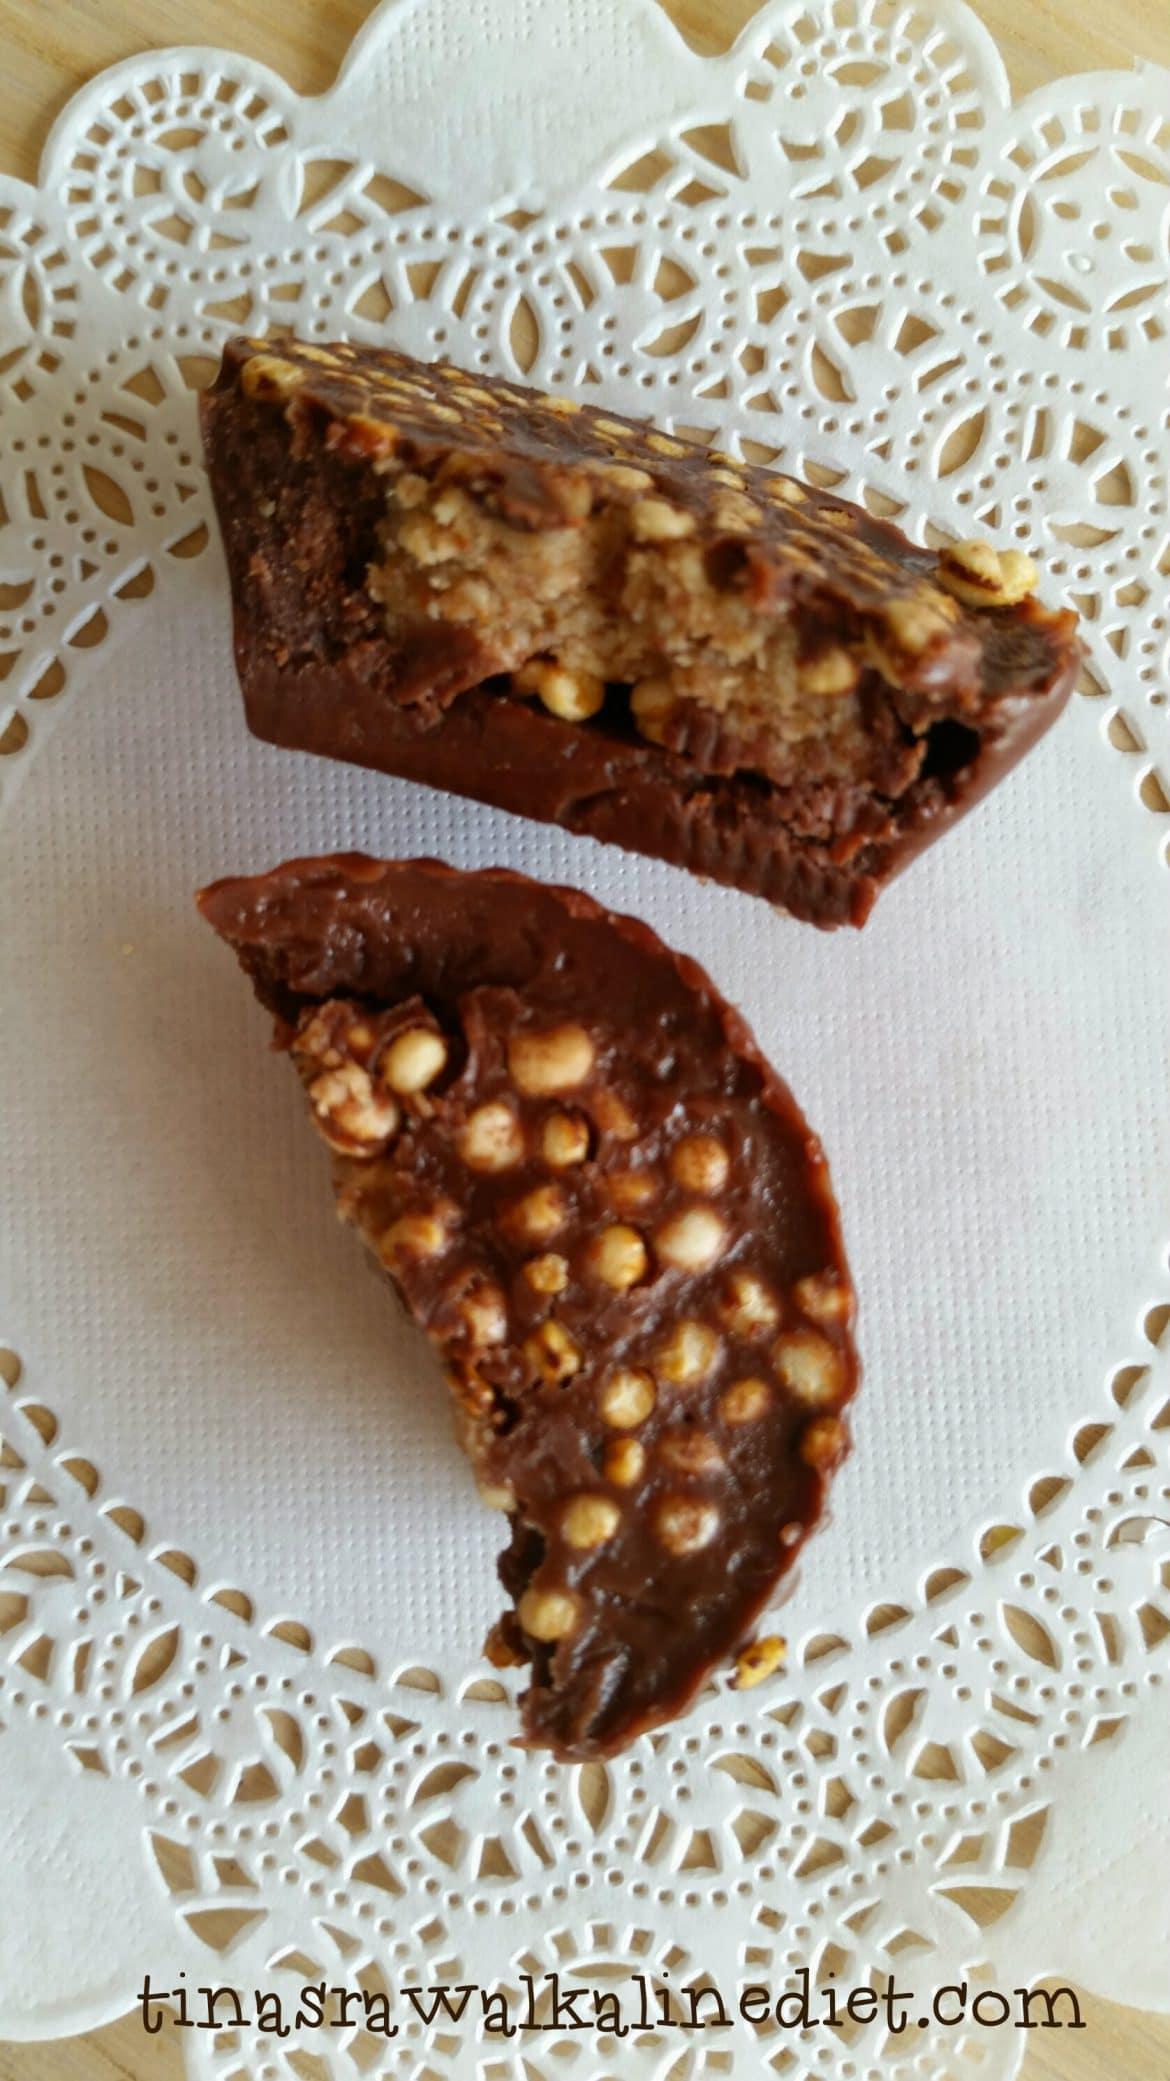 raw chocolate nut cupcakes